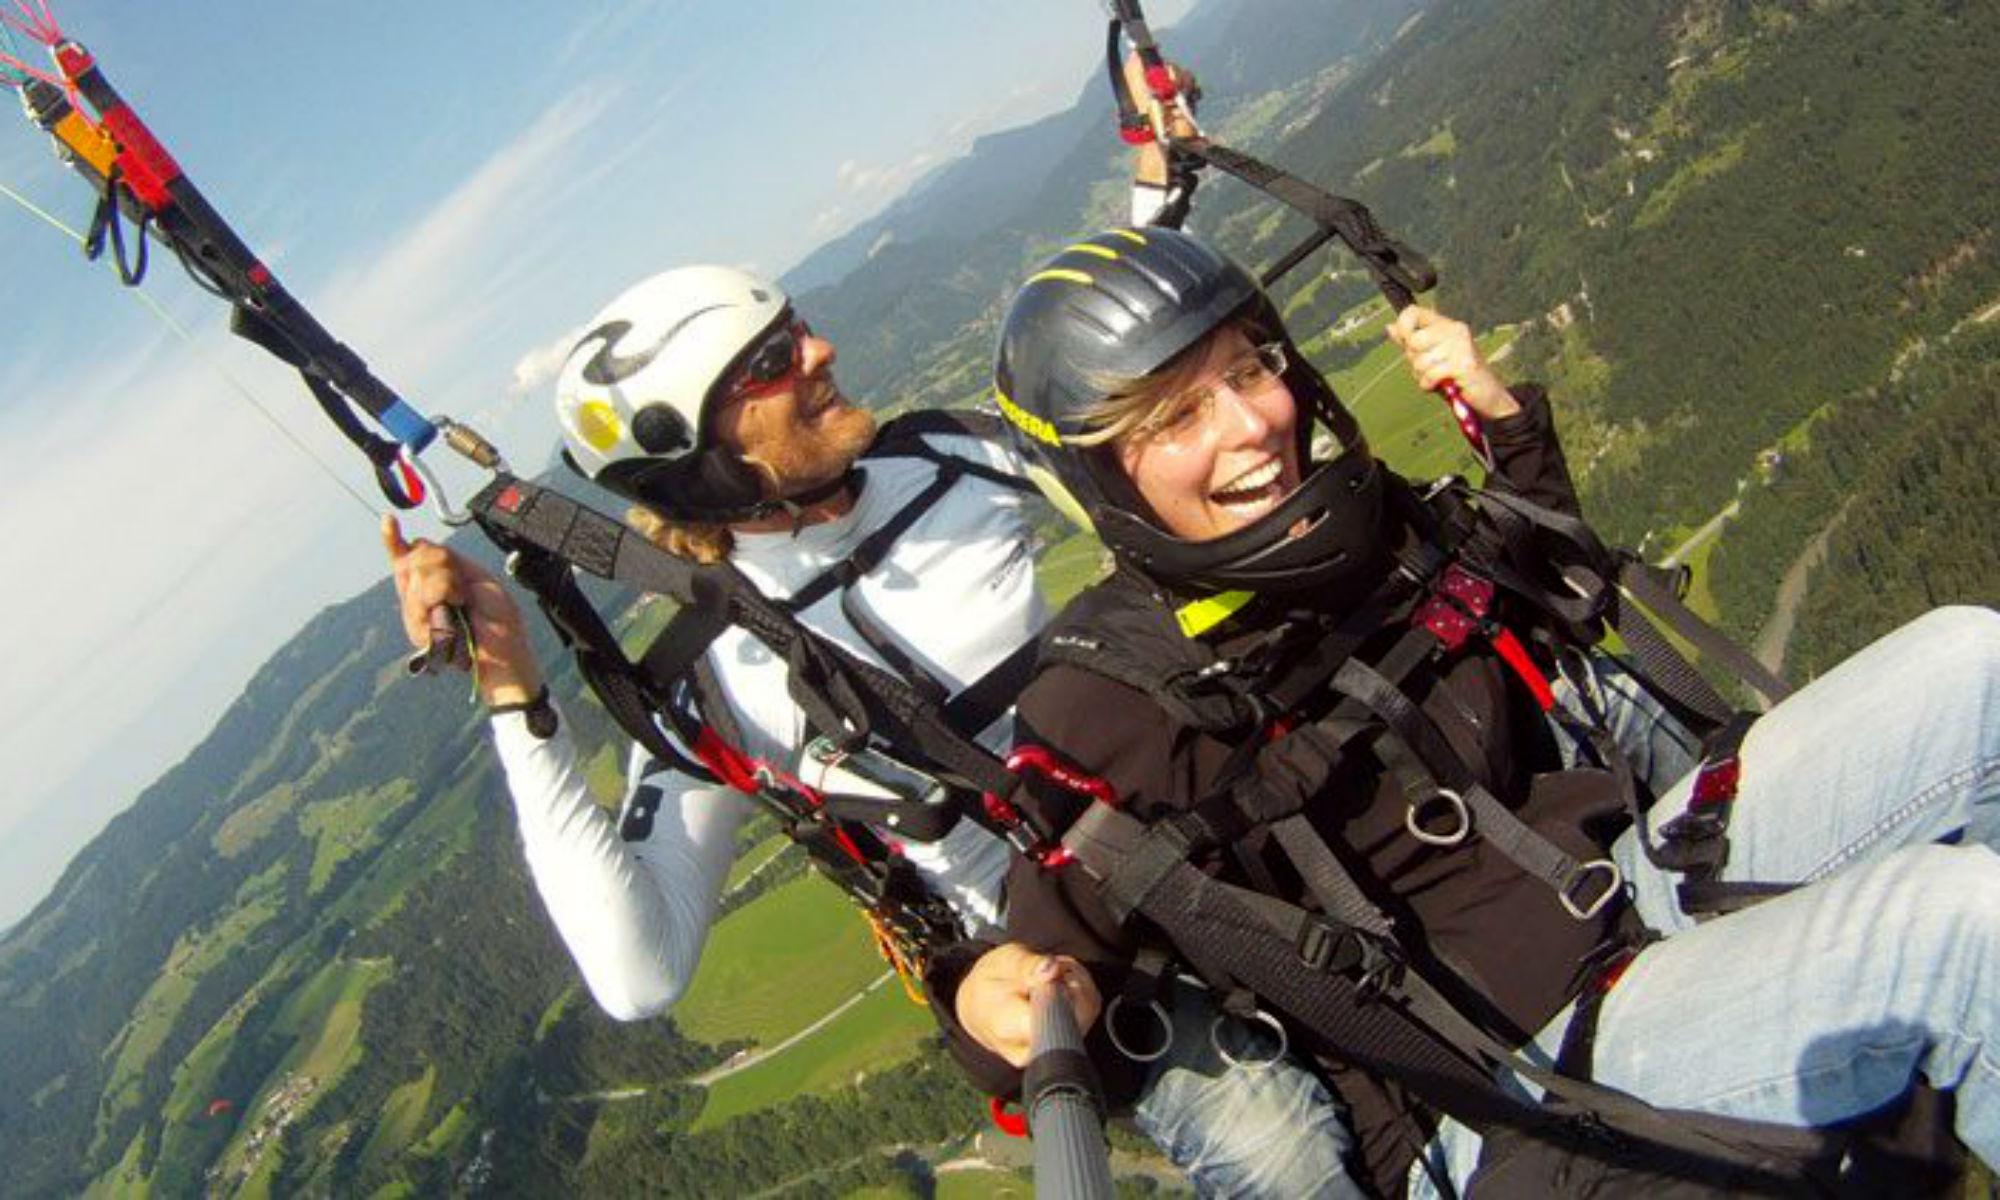 Ein Paragliding Pilot mit Passagier während eines Fluges.